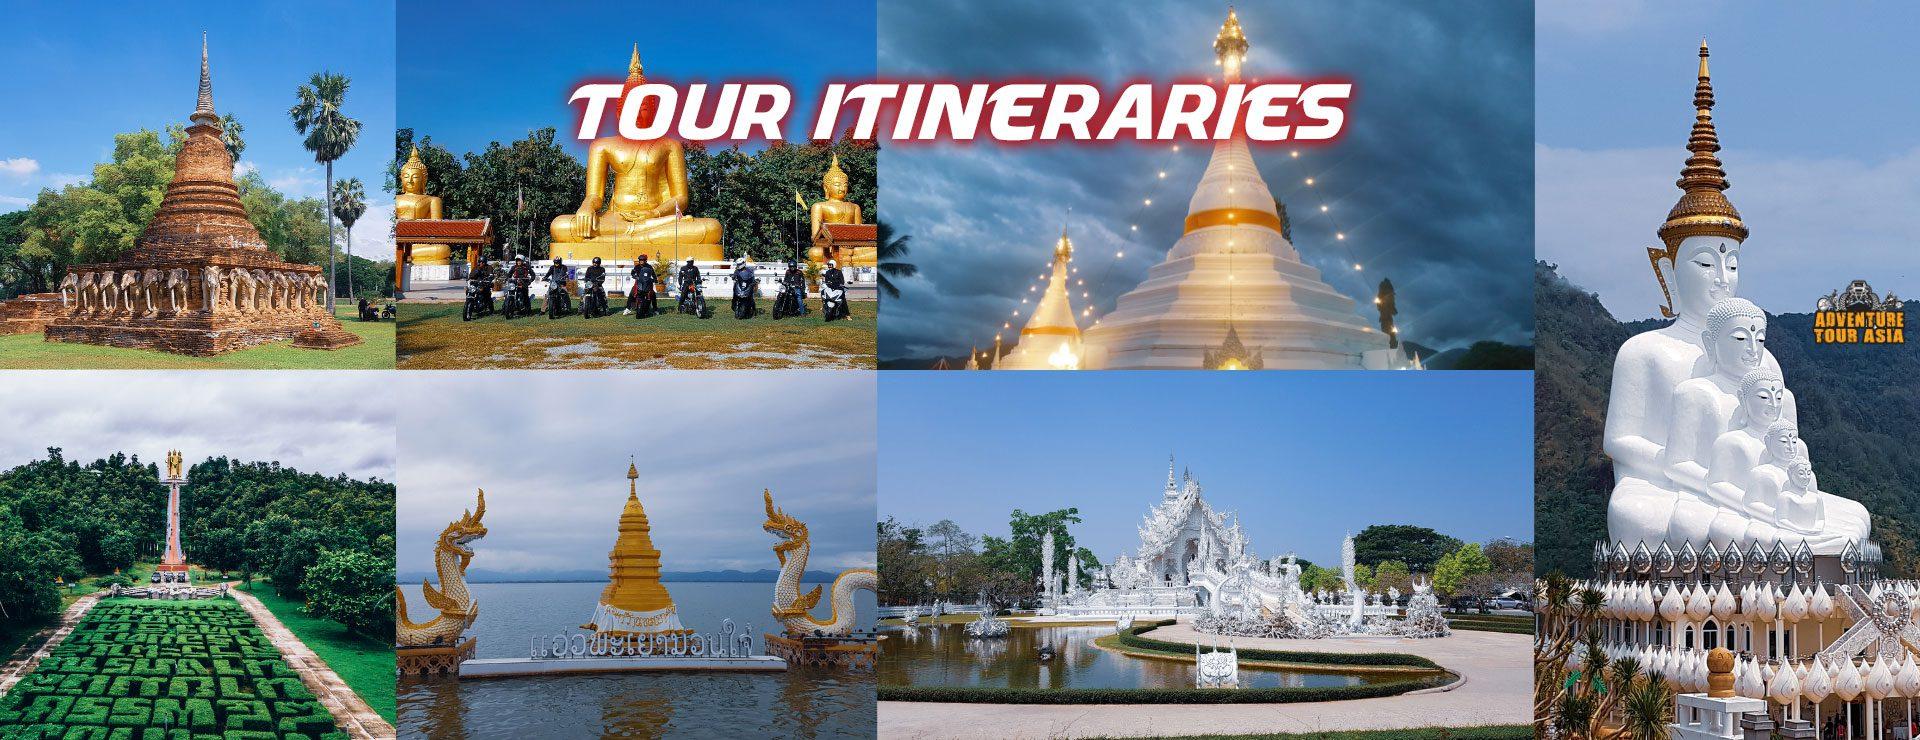 Tour Iteneraries 1